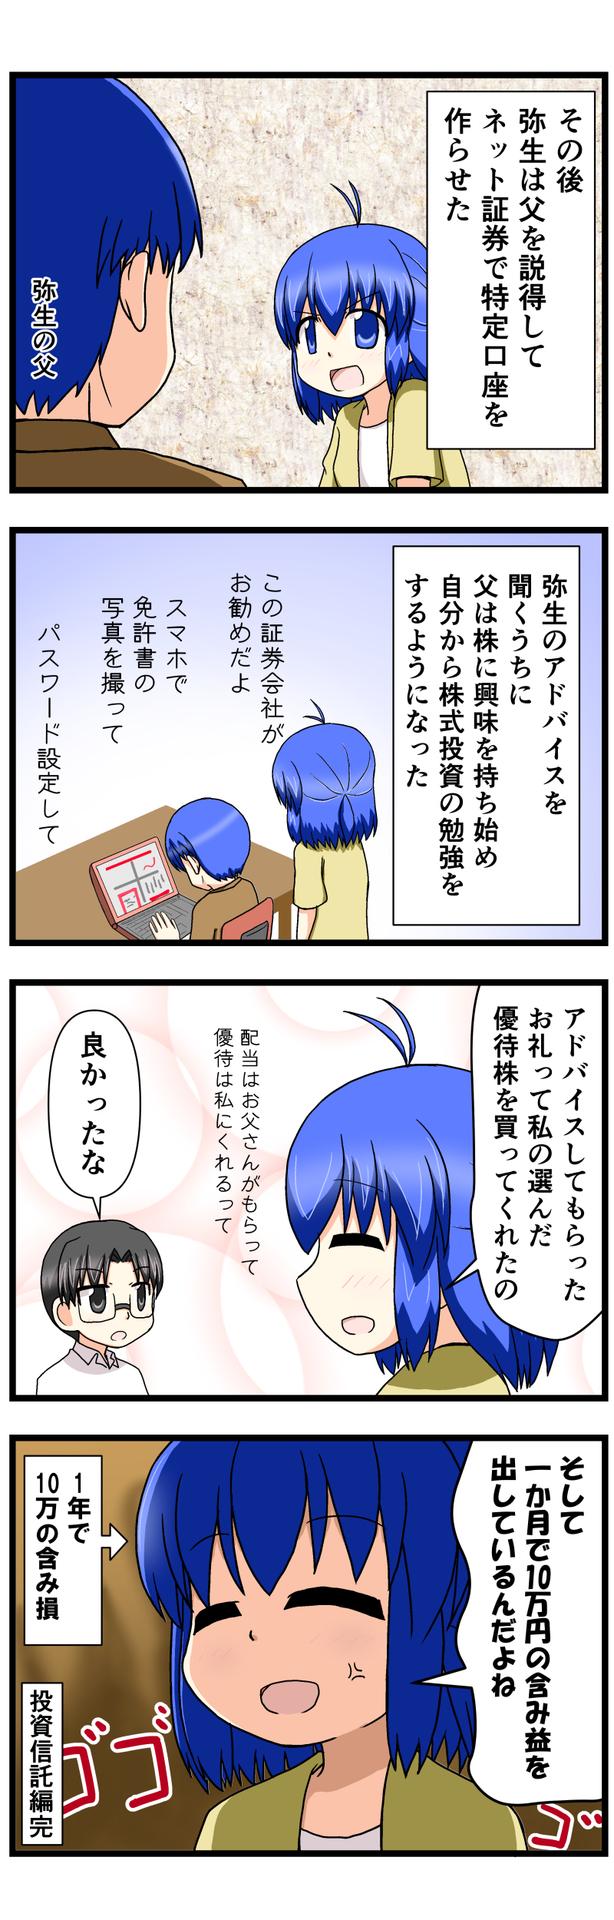 萌える株セミナー107.jpg